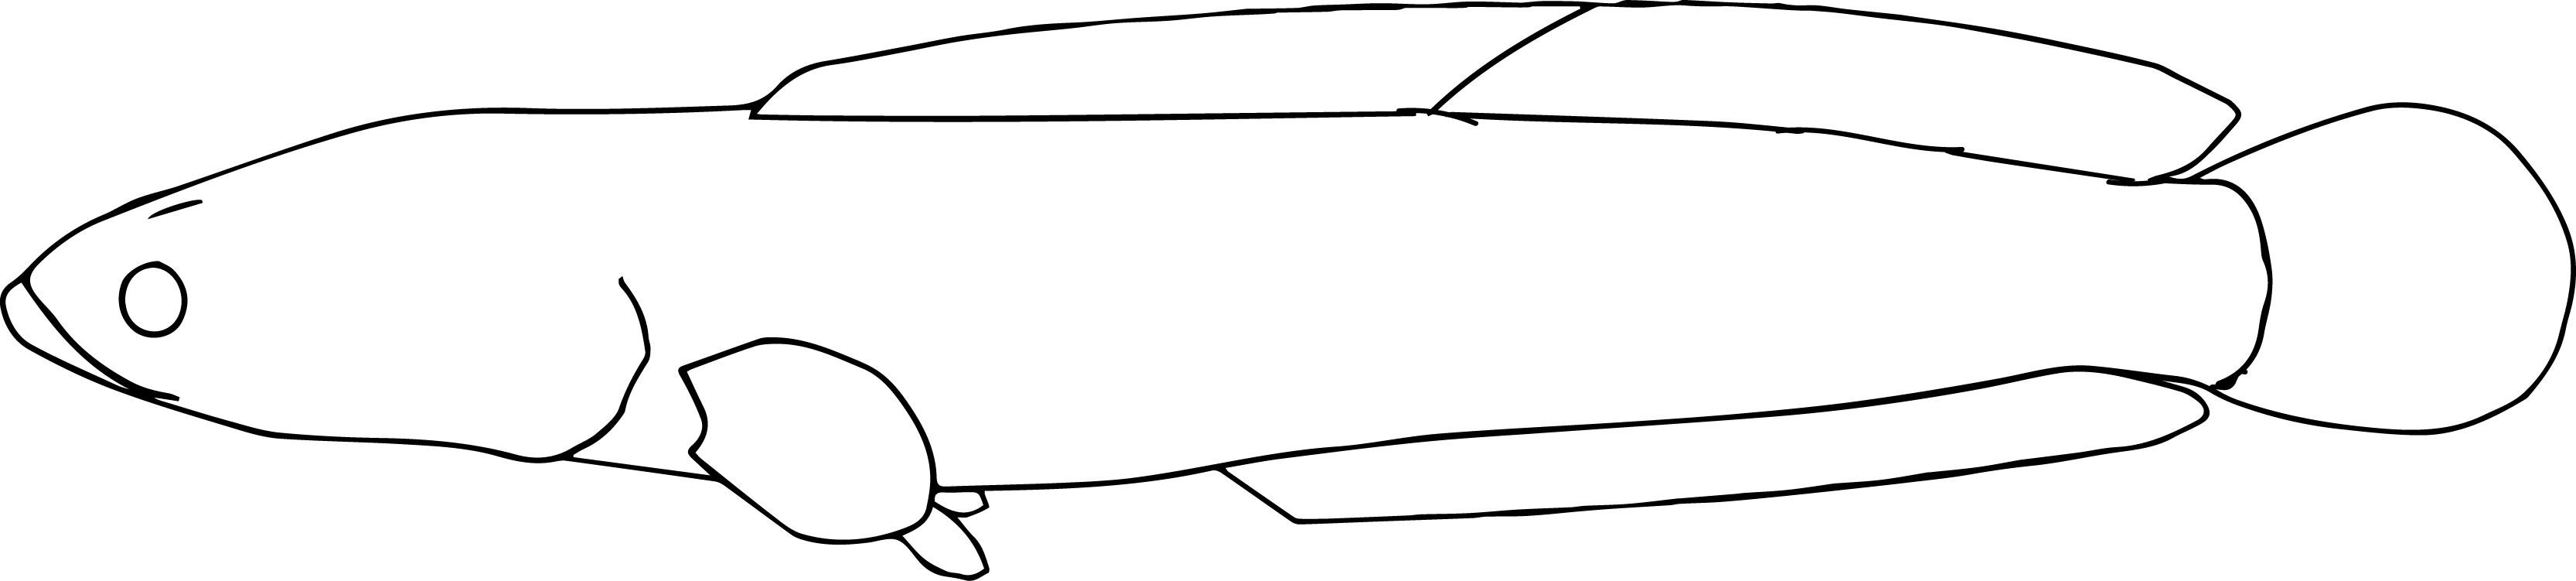 Kamuruti Fish Coloring Page